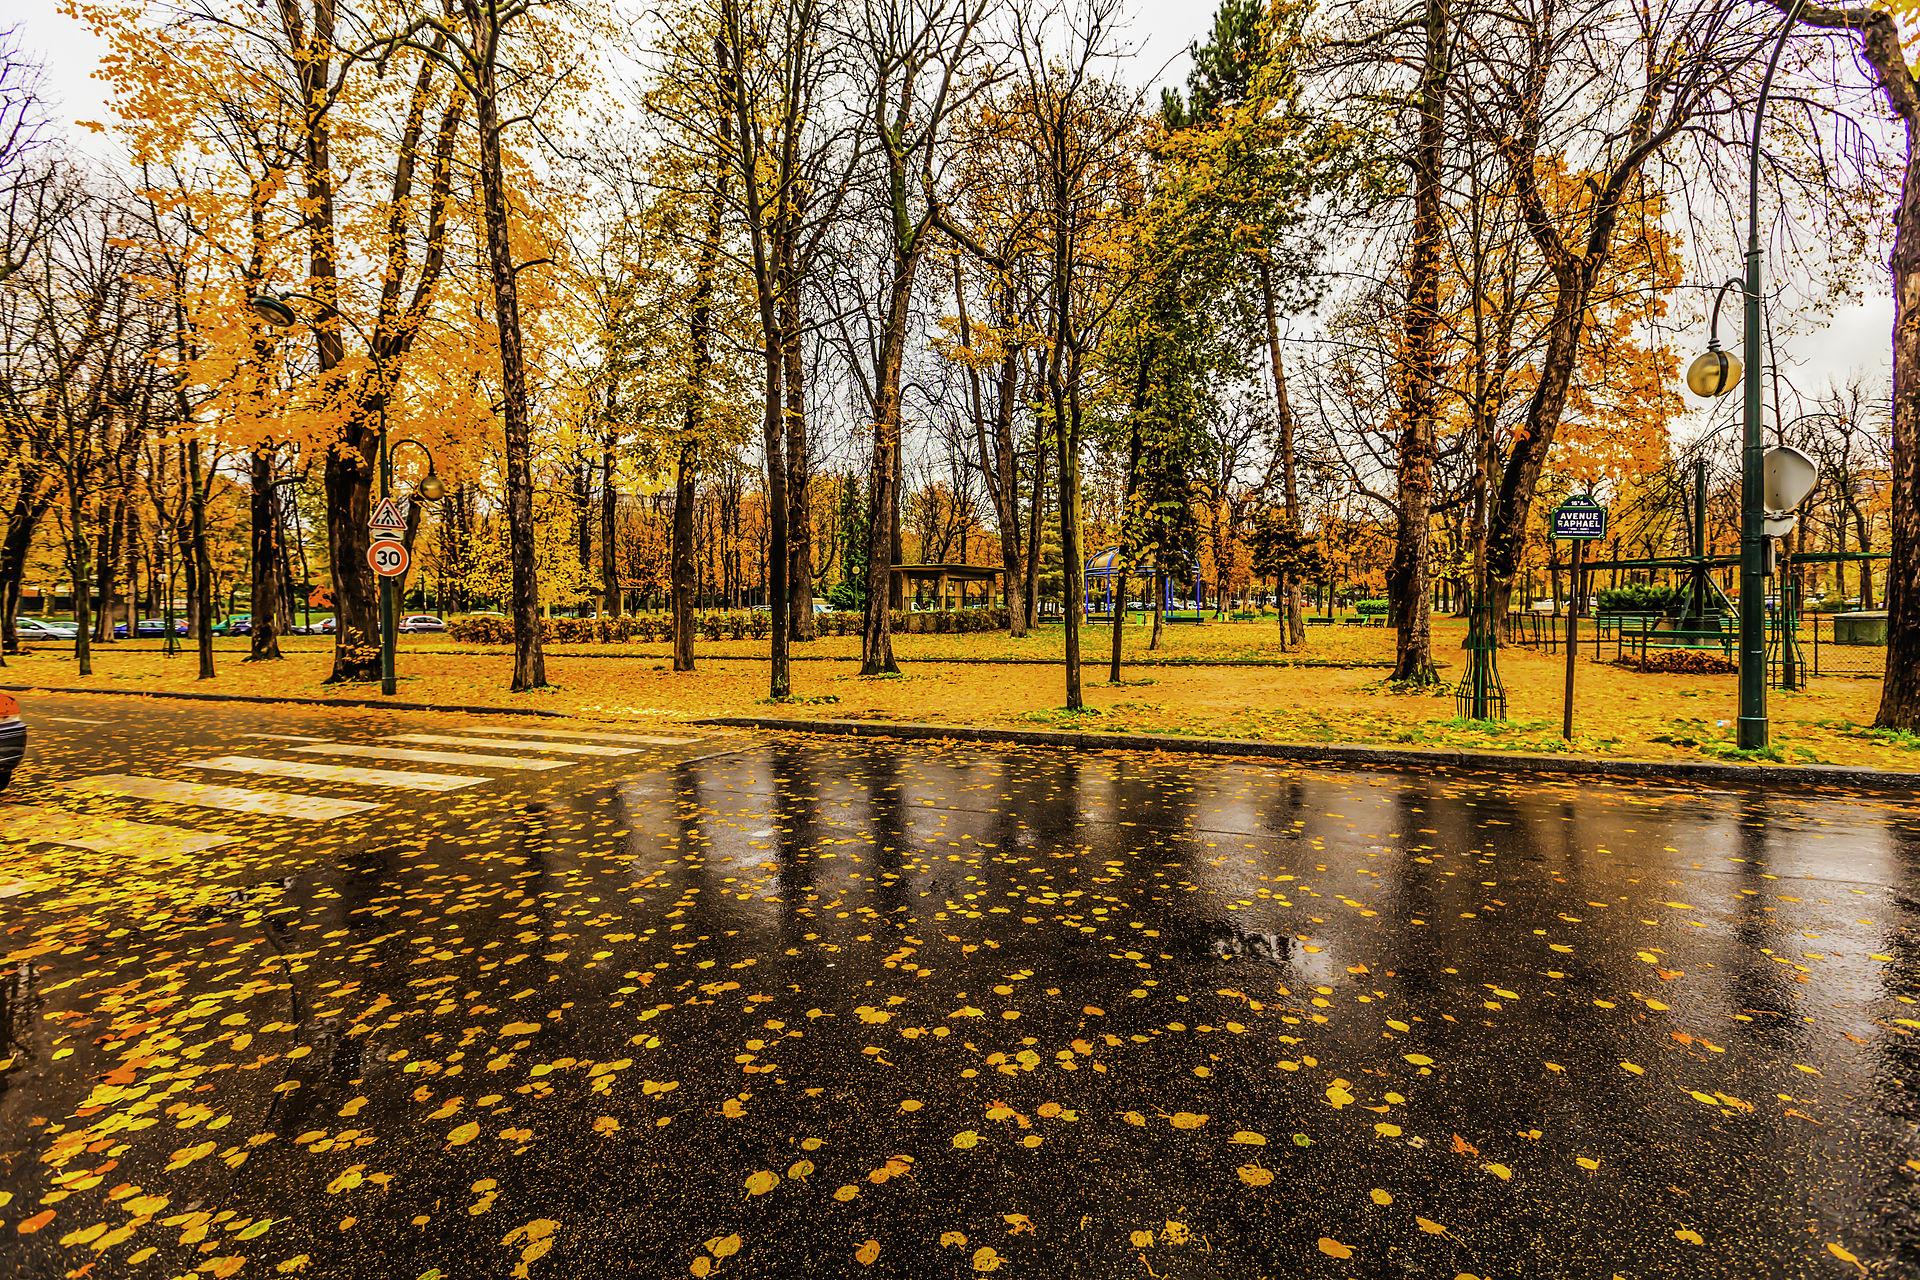 Paris_raining_autumn_cityscape_(8252181936).jpg